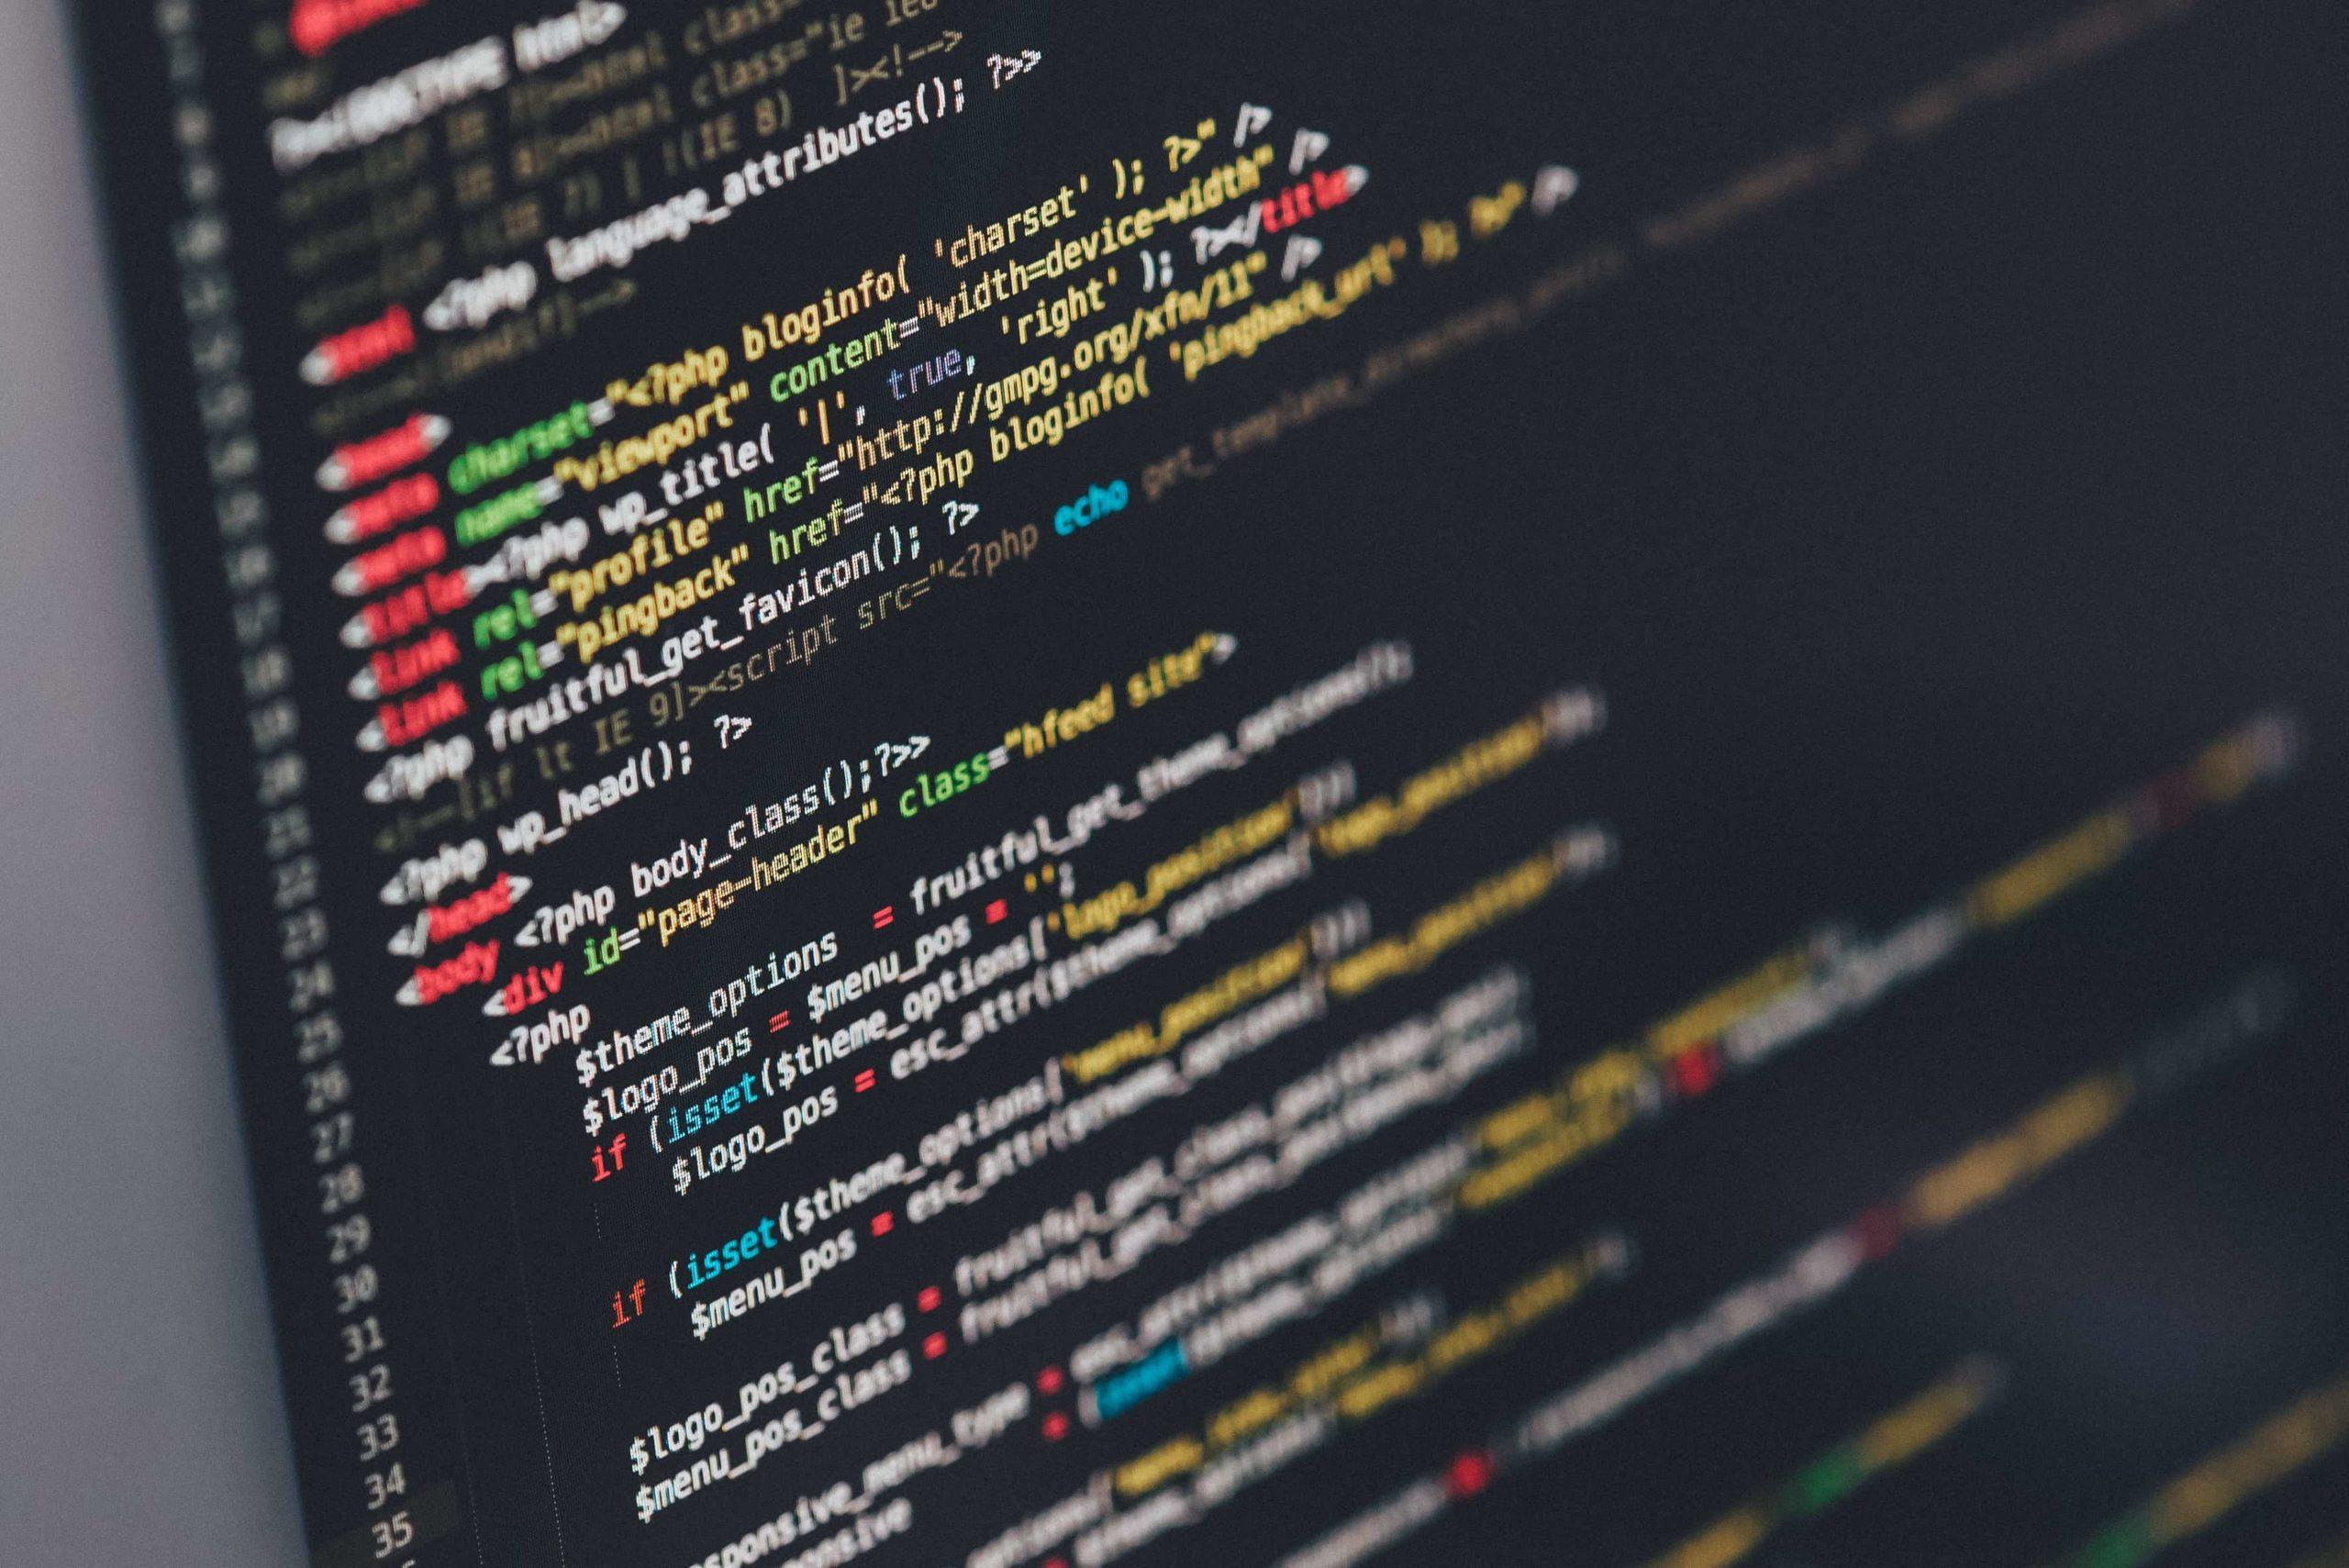 色分けされたプログラムコード